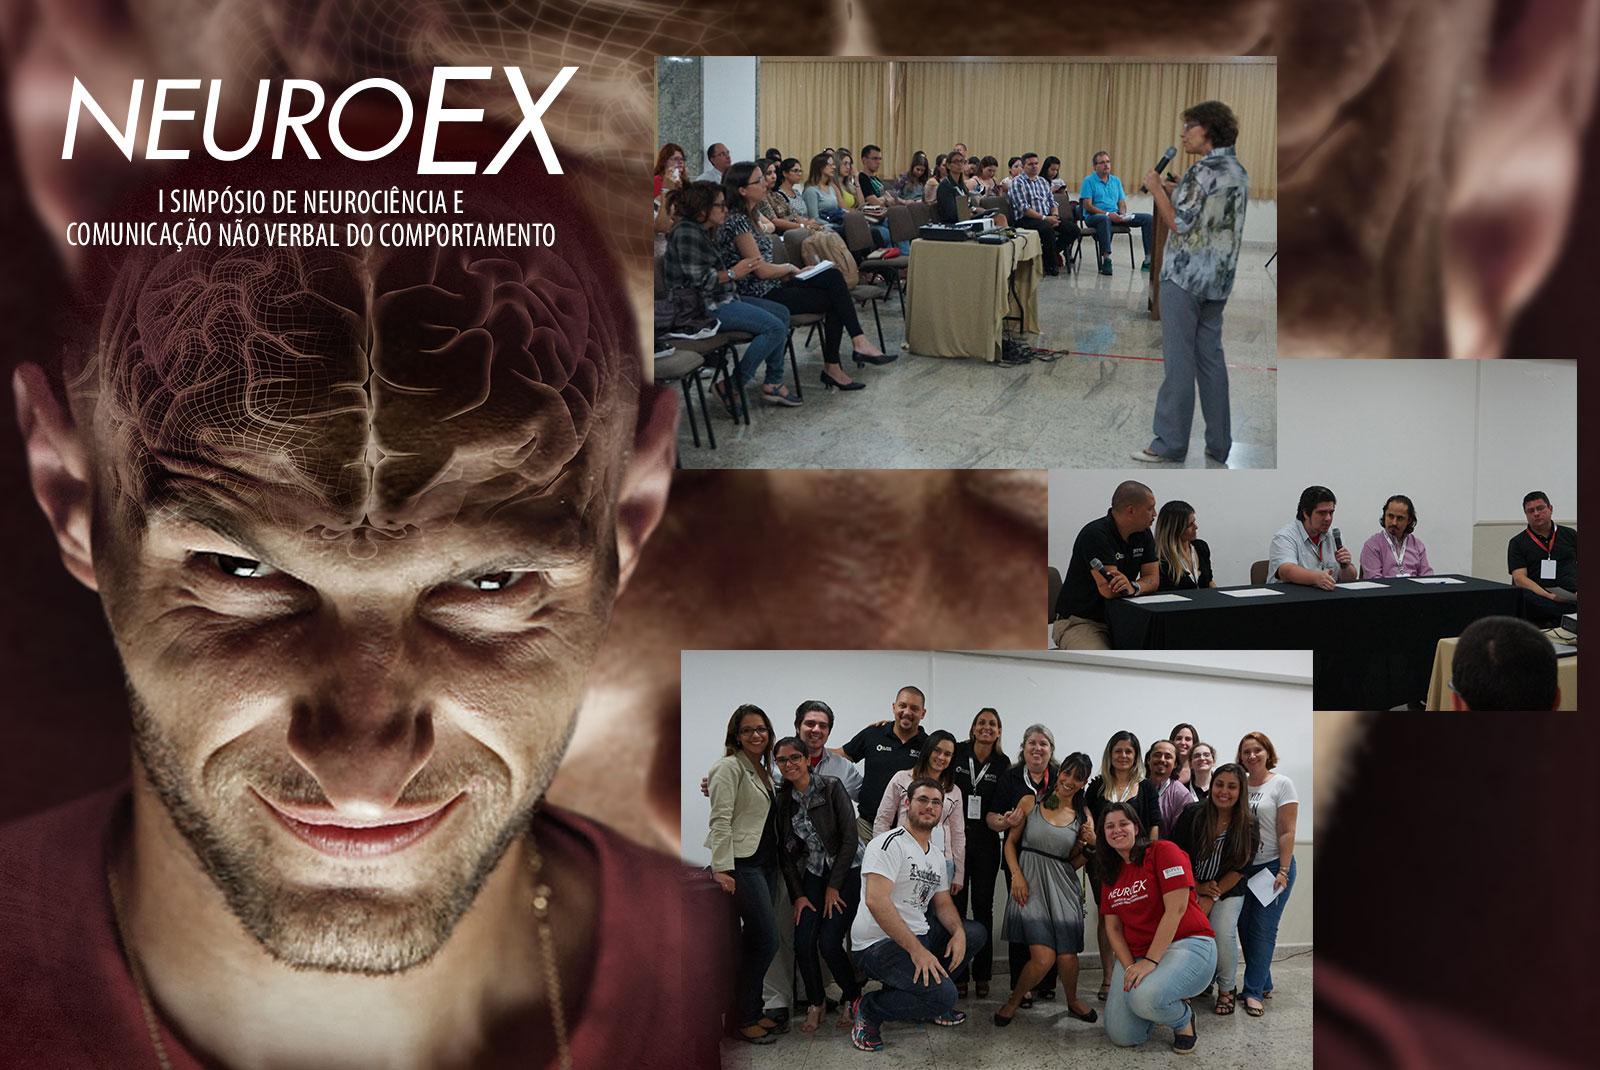 NeuroEX